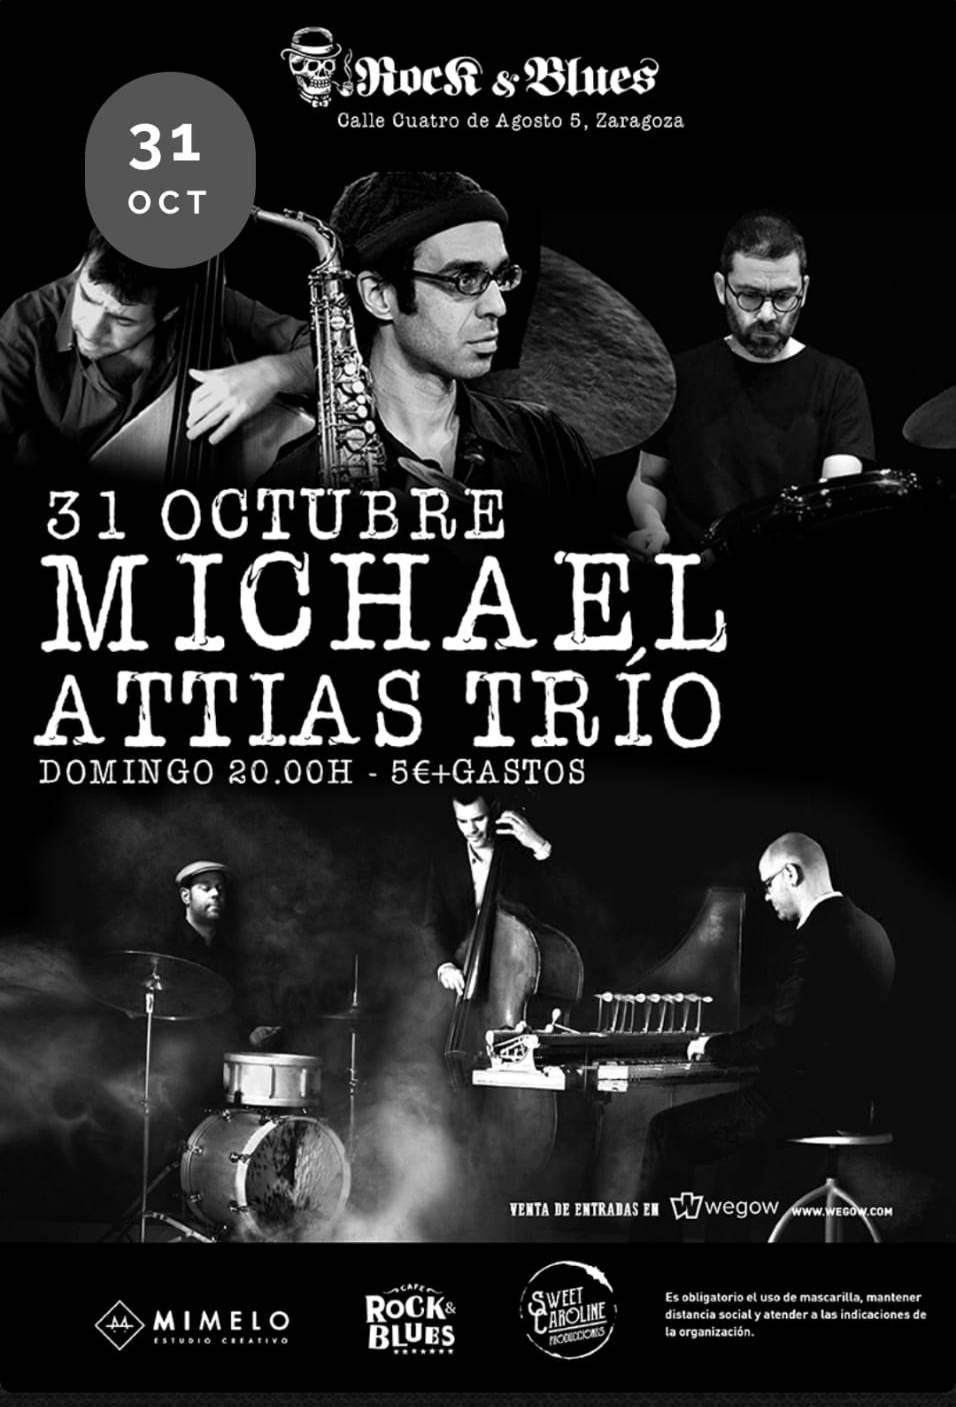 MICHAEL-ATTIAS-TRIO-Concierto-Rock-And-Blues-Zaragoza-.-Aragon-En-Vivo